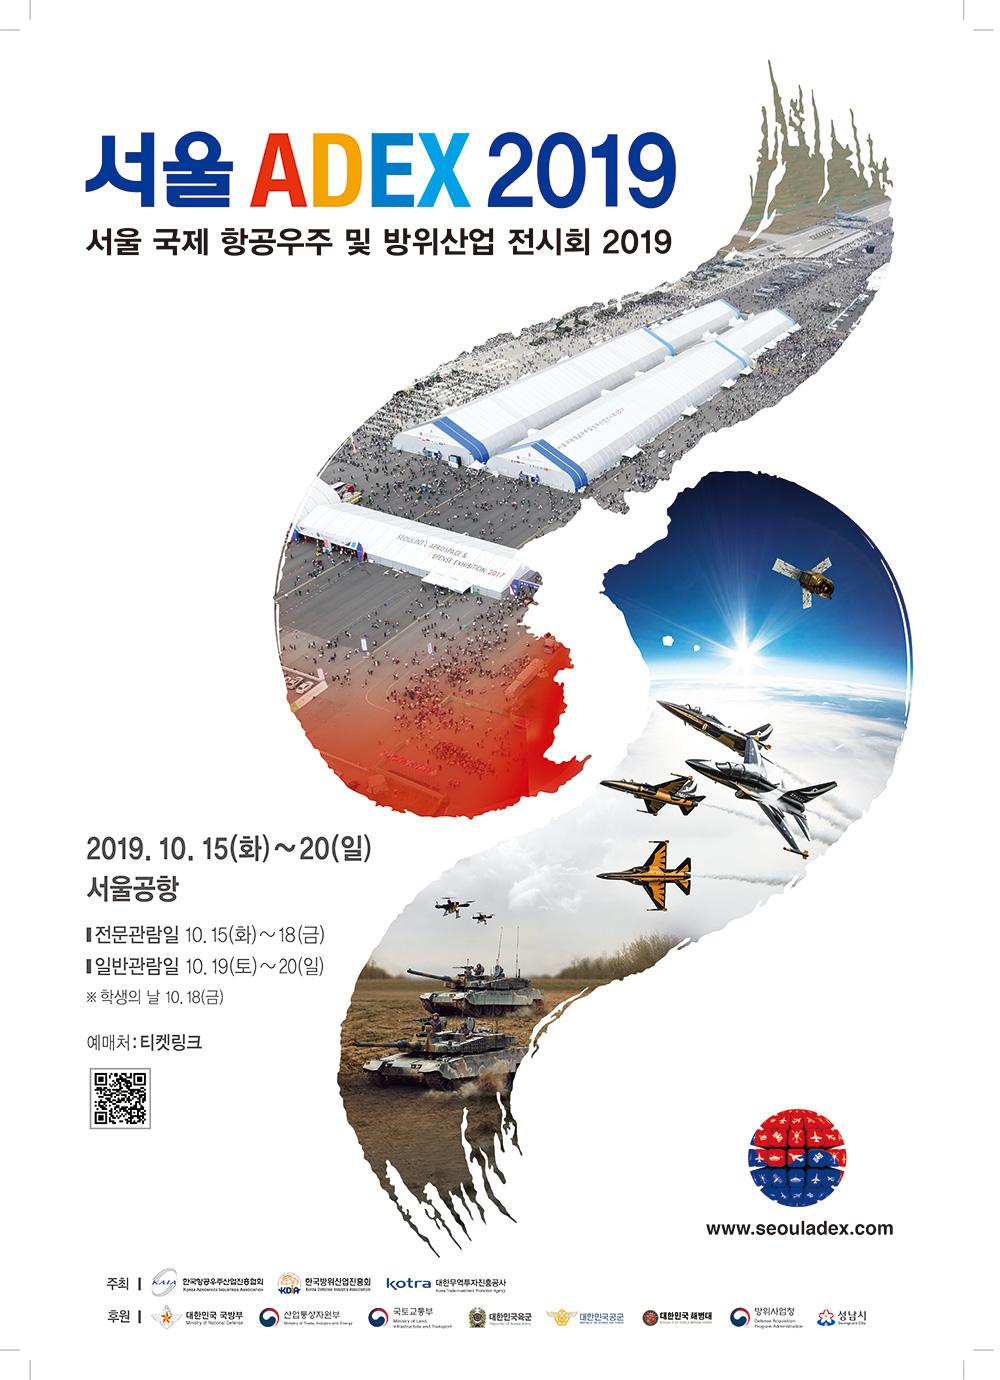 티켓링크, '서울 ADEX 2019' 티켓 단독 판매